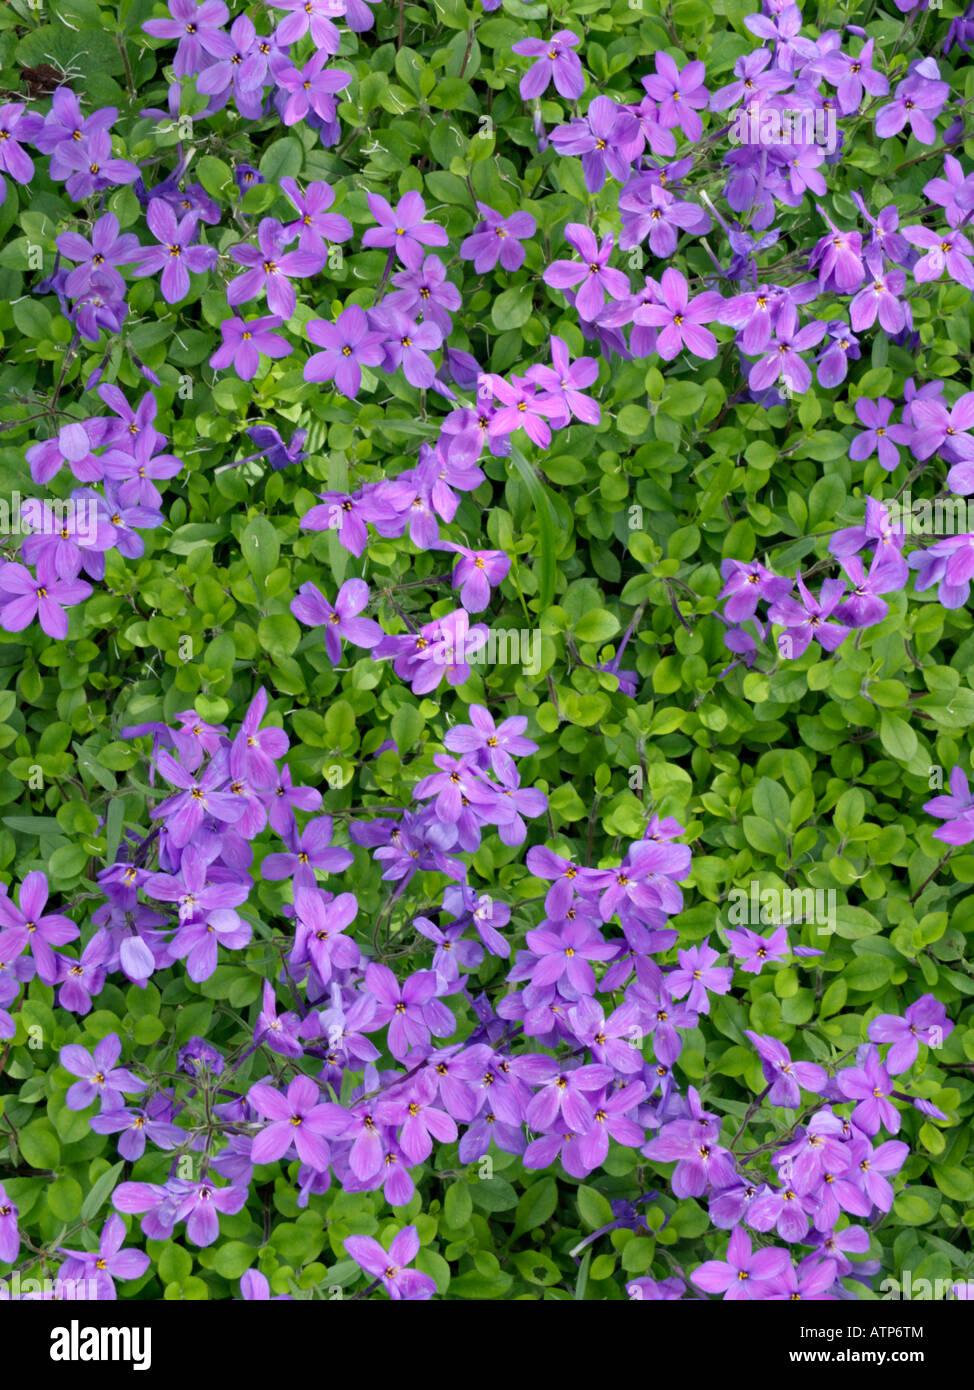 Creeping phlox (Phlox stolonifera 'Purpurea') - Stock Image